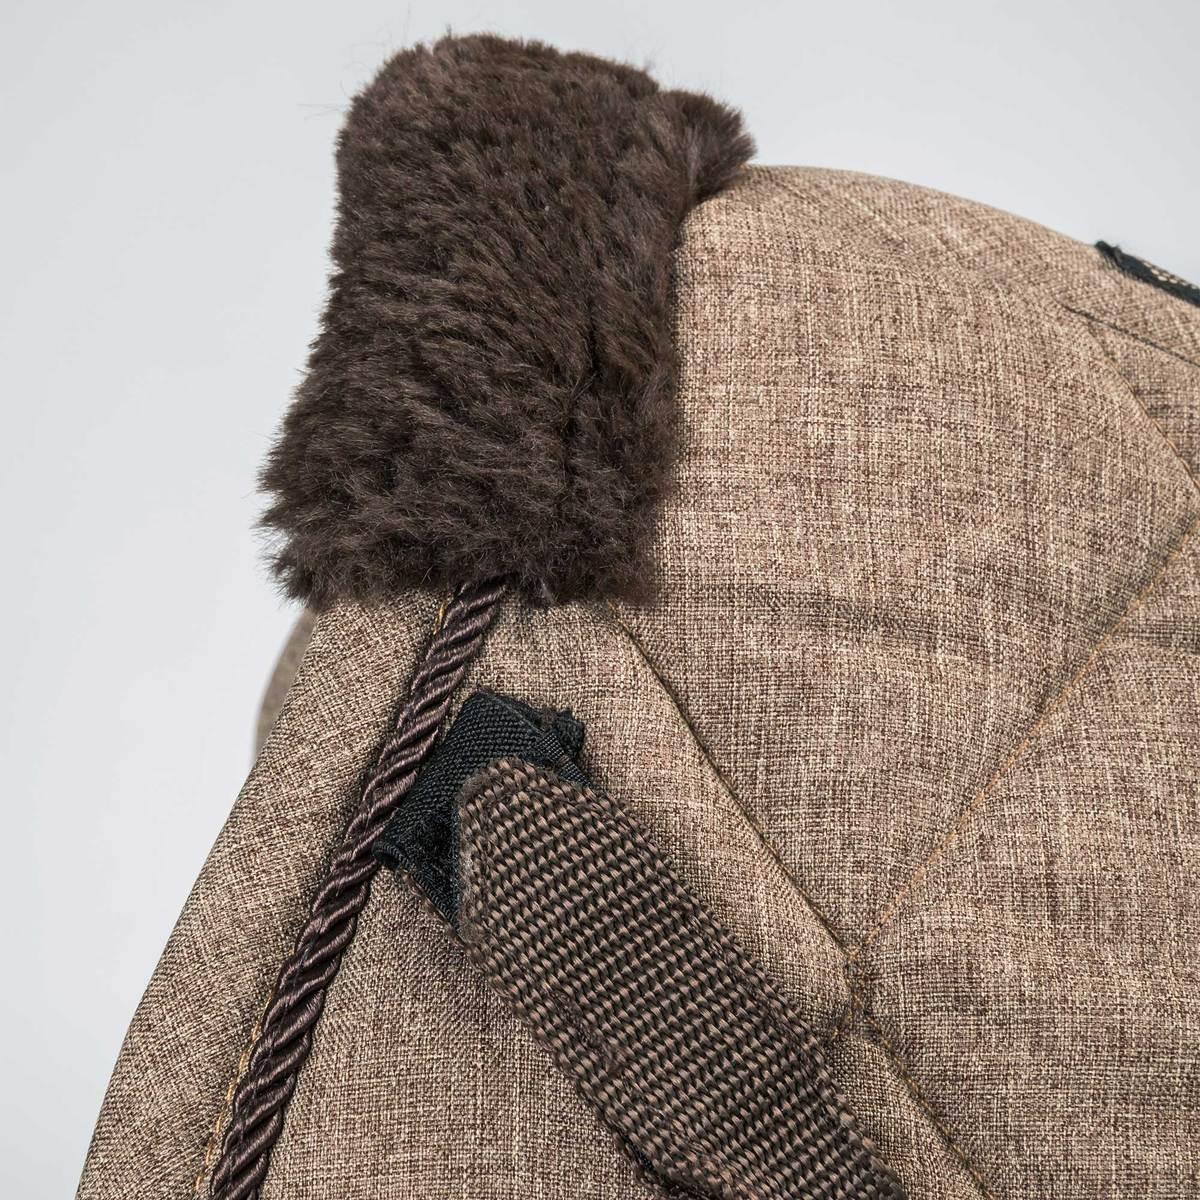 2353 saddle pad jumping haze brown web detail 01 1200x